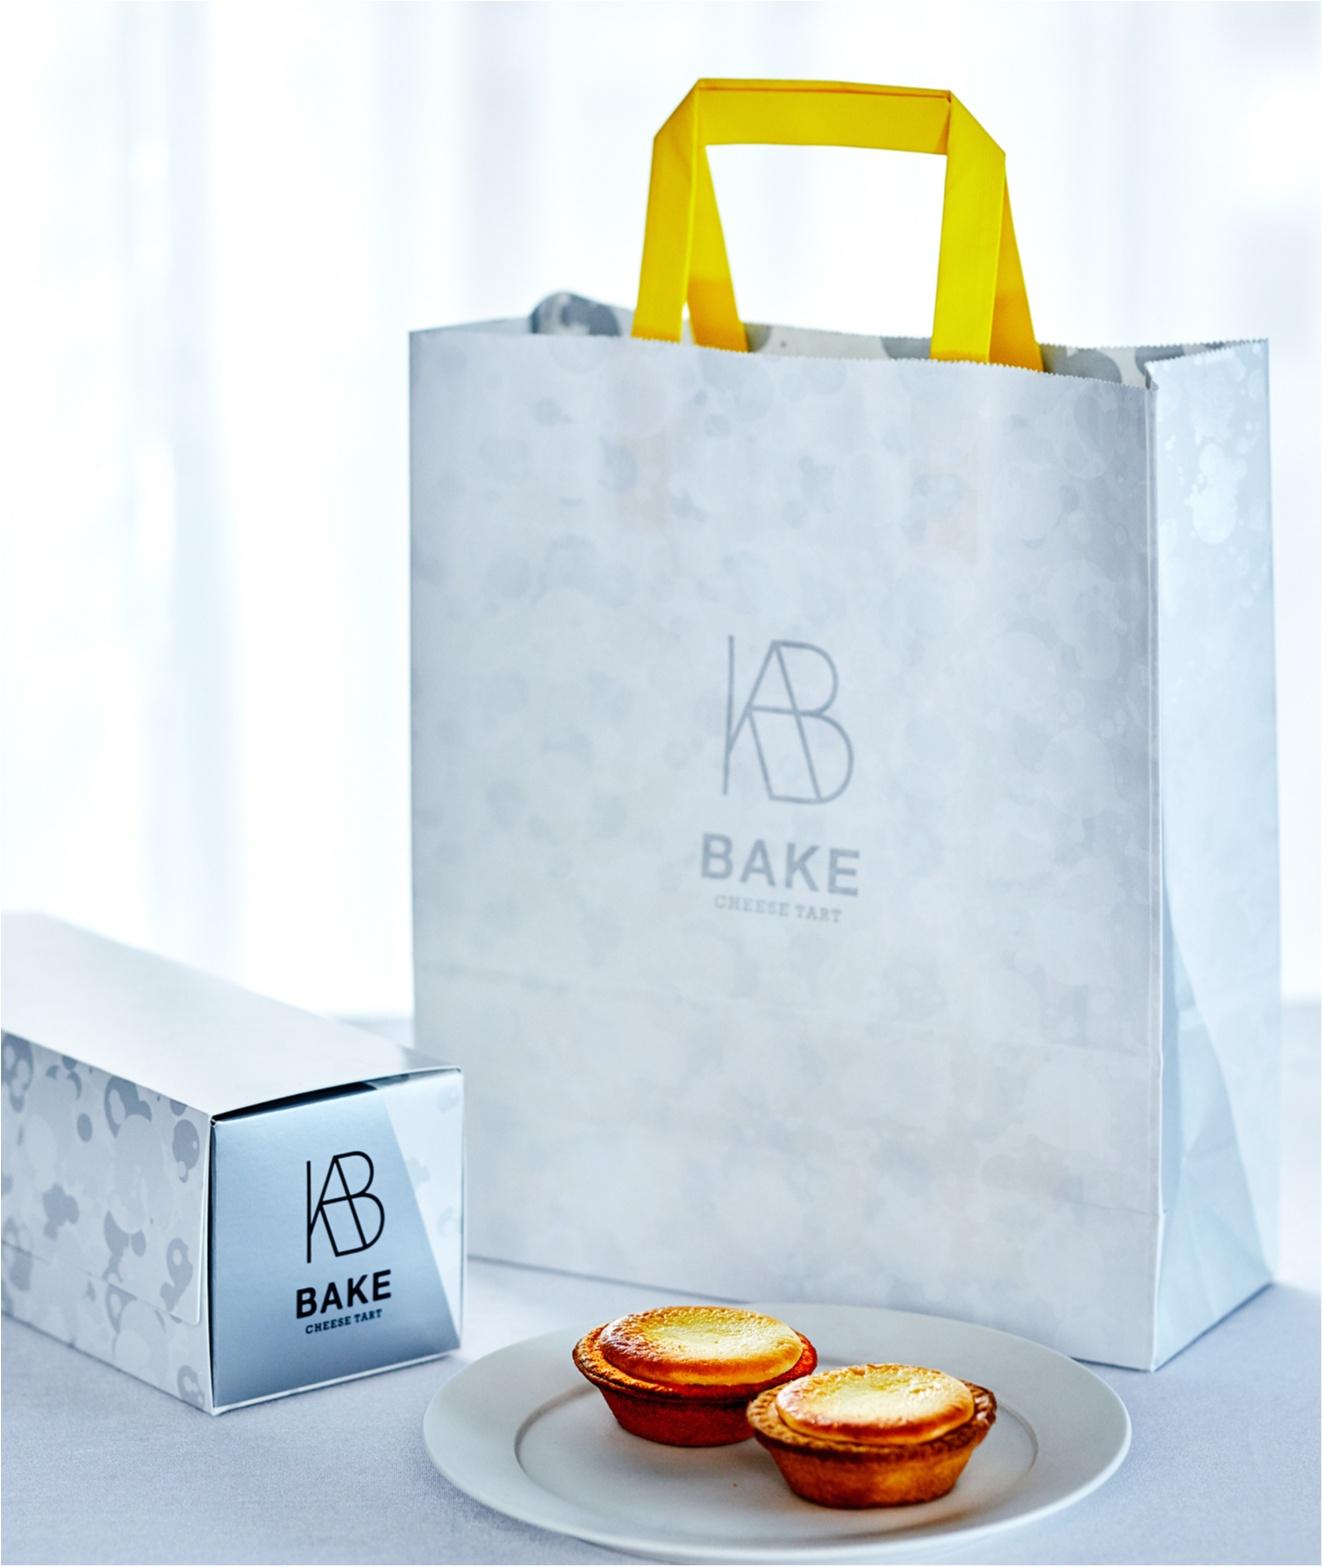 焼きたてチーズタルト『BAKE CHEESE TART』のパッケージがホリデー仕様に! オリジナルスノードームももらえるかも♡_1